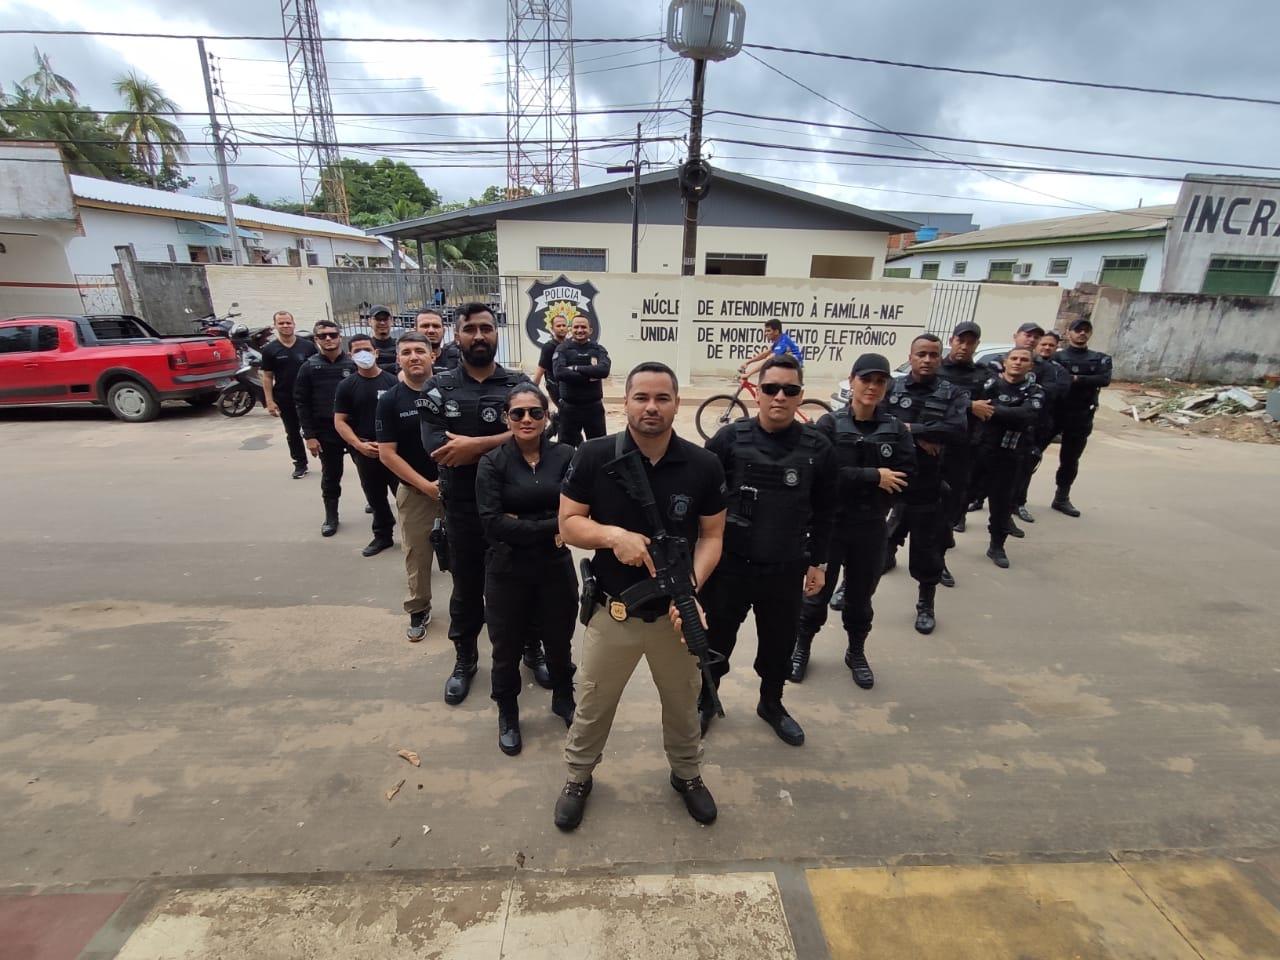 Unidade de Monitoramento Eletrônico e Núcleo de Atendimento à Família são inaugurados em Tarauacá